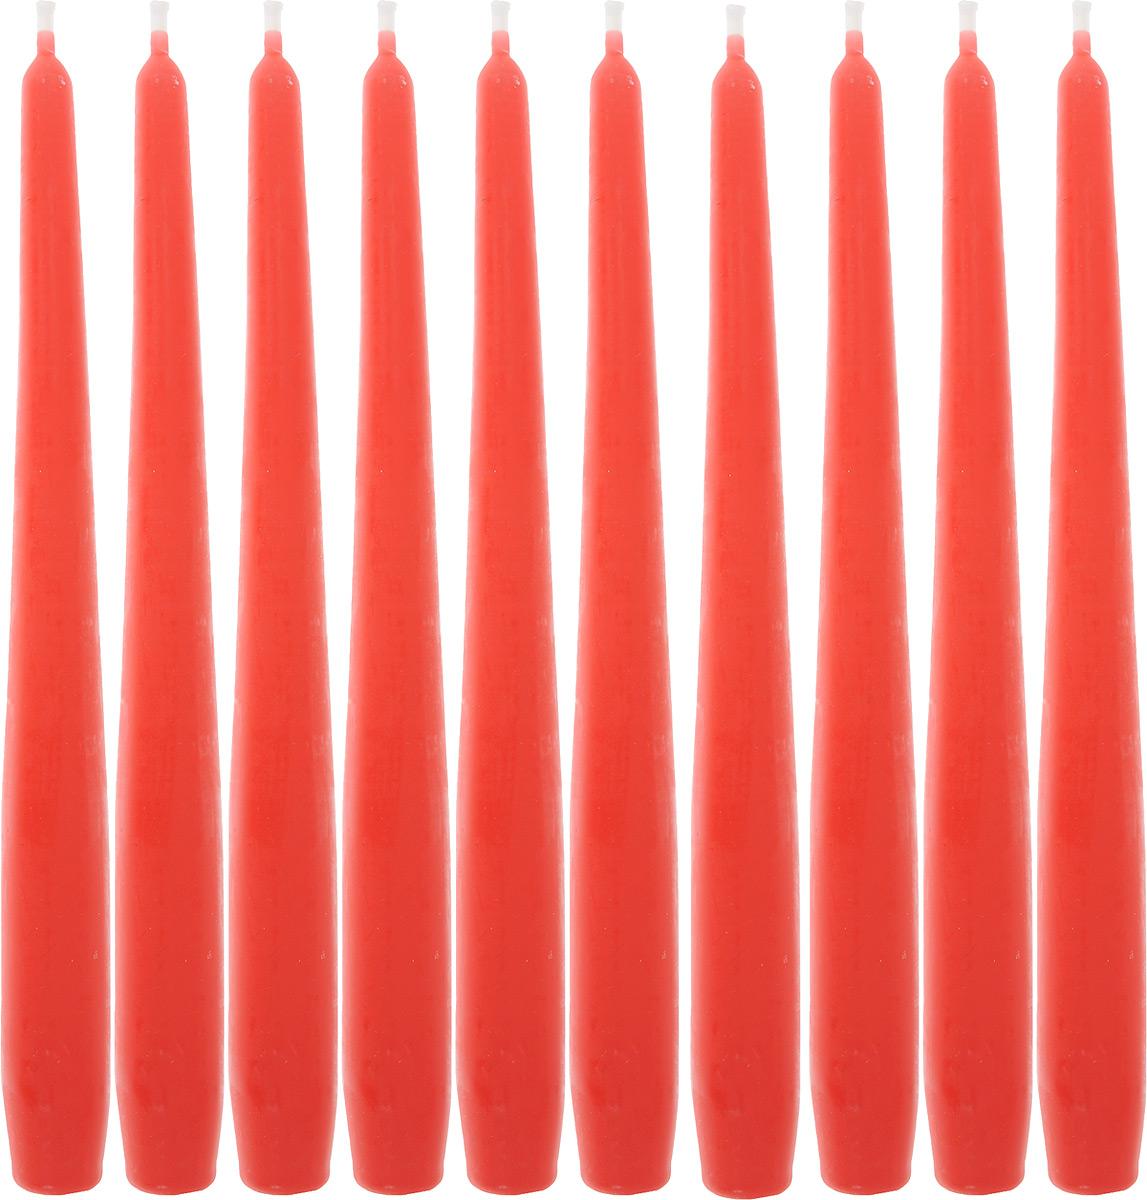 Набор свечей Омский cвечной завод, цвет: красный, высота 24 см, 10 шт набор декоративных свечей омский свечной завод цвет синий высота 24 см 2 шт